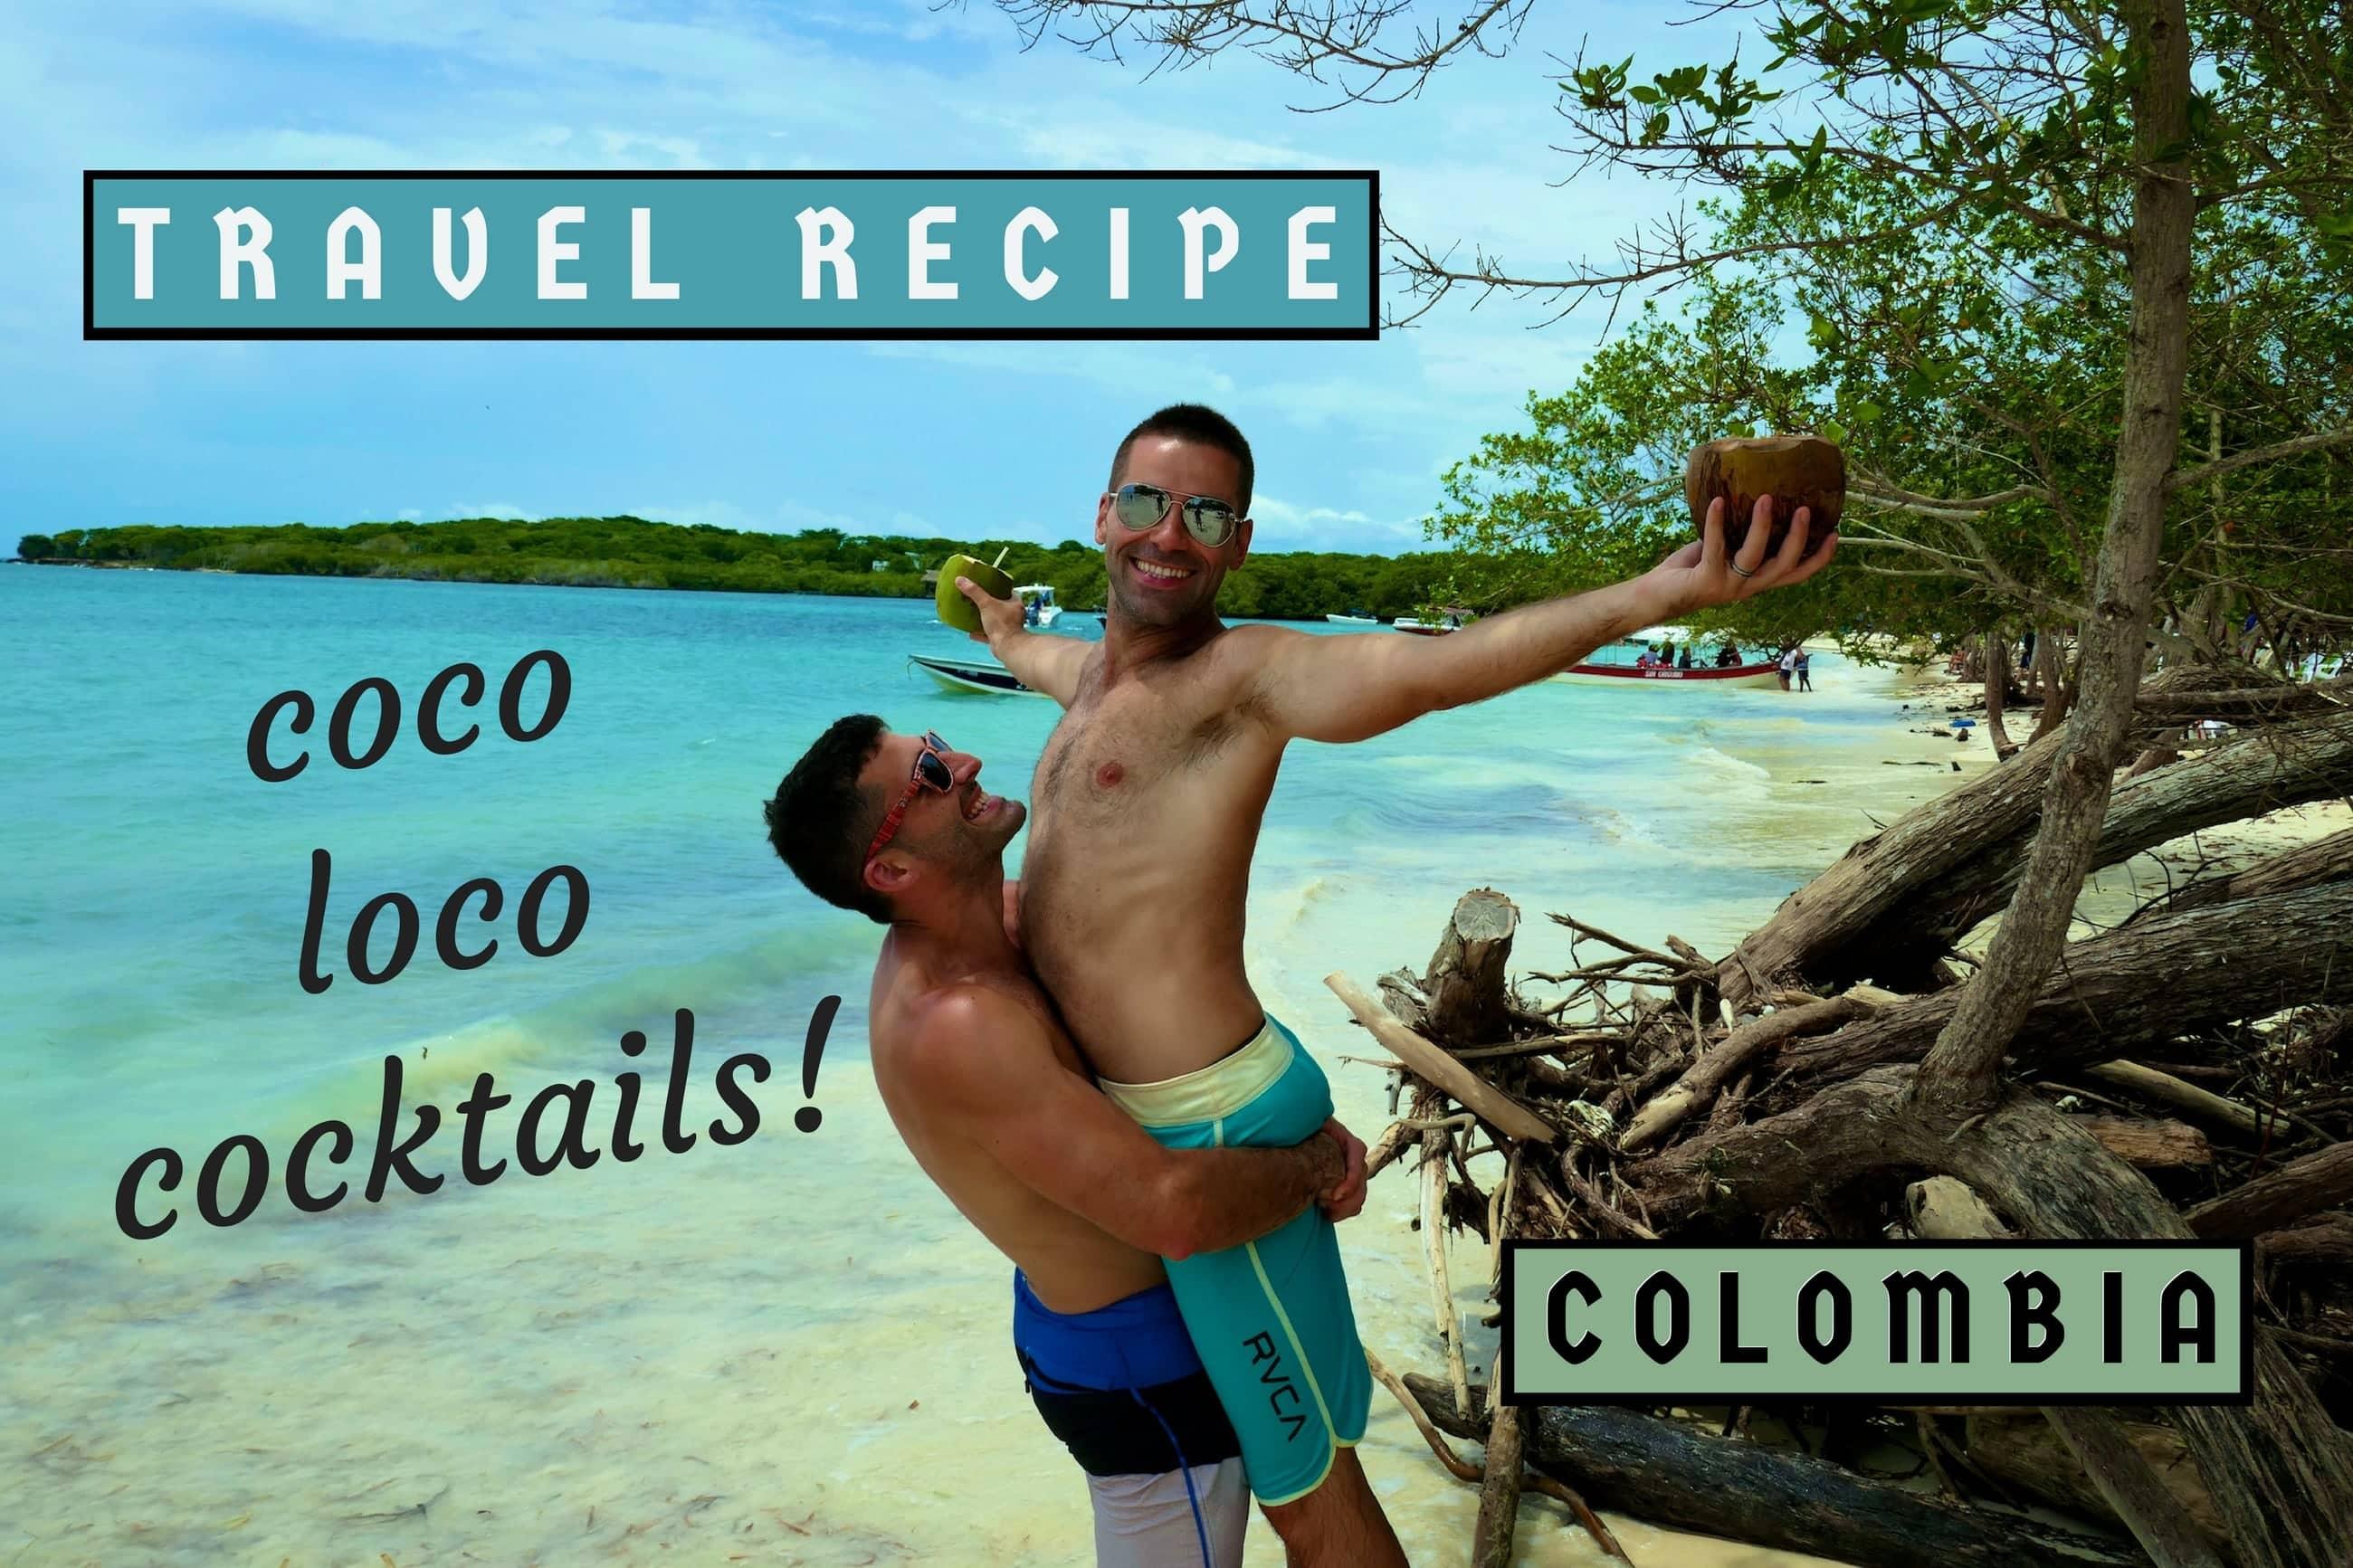 Recipe for Colombian coco loco